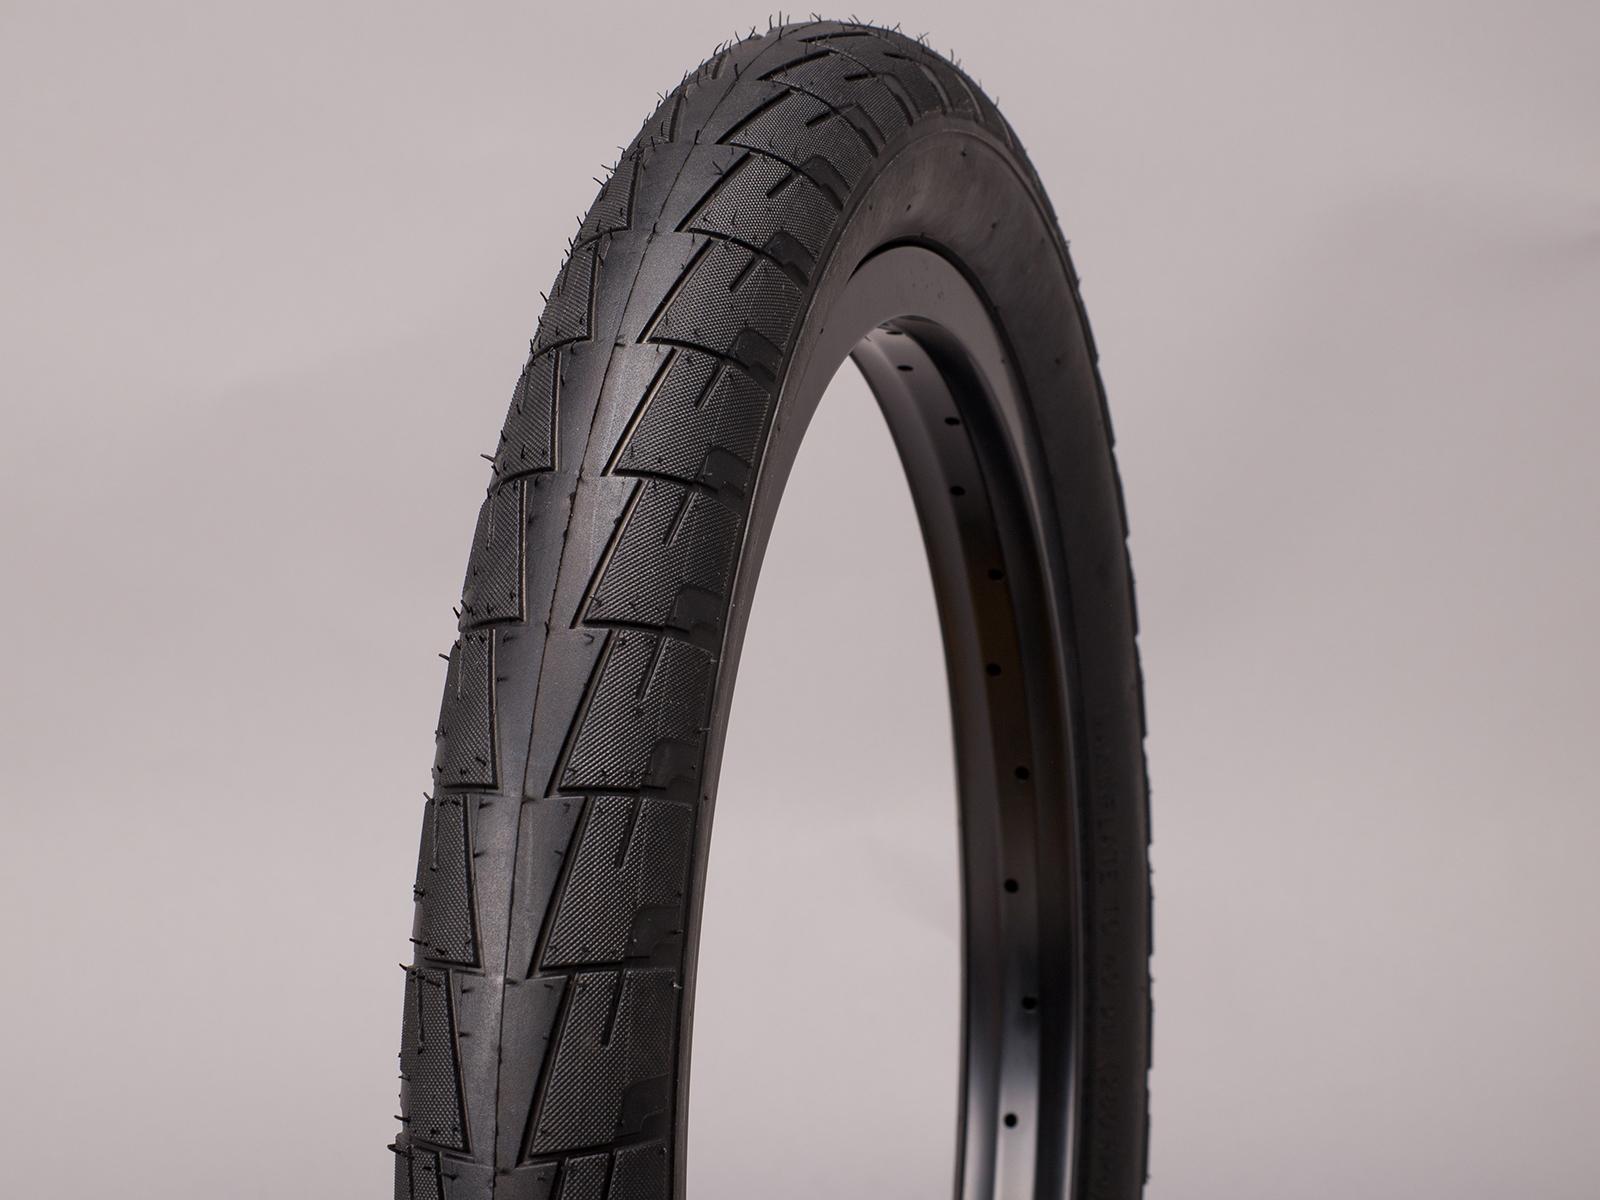 Lagos Crawler tire blk 2.4